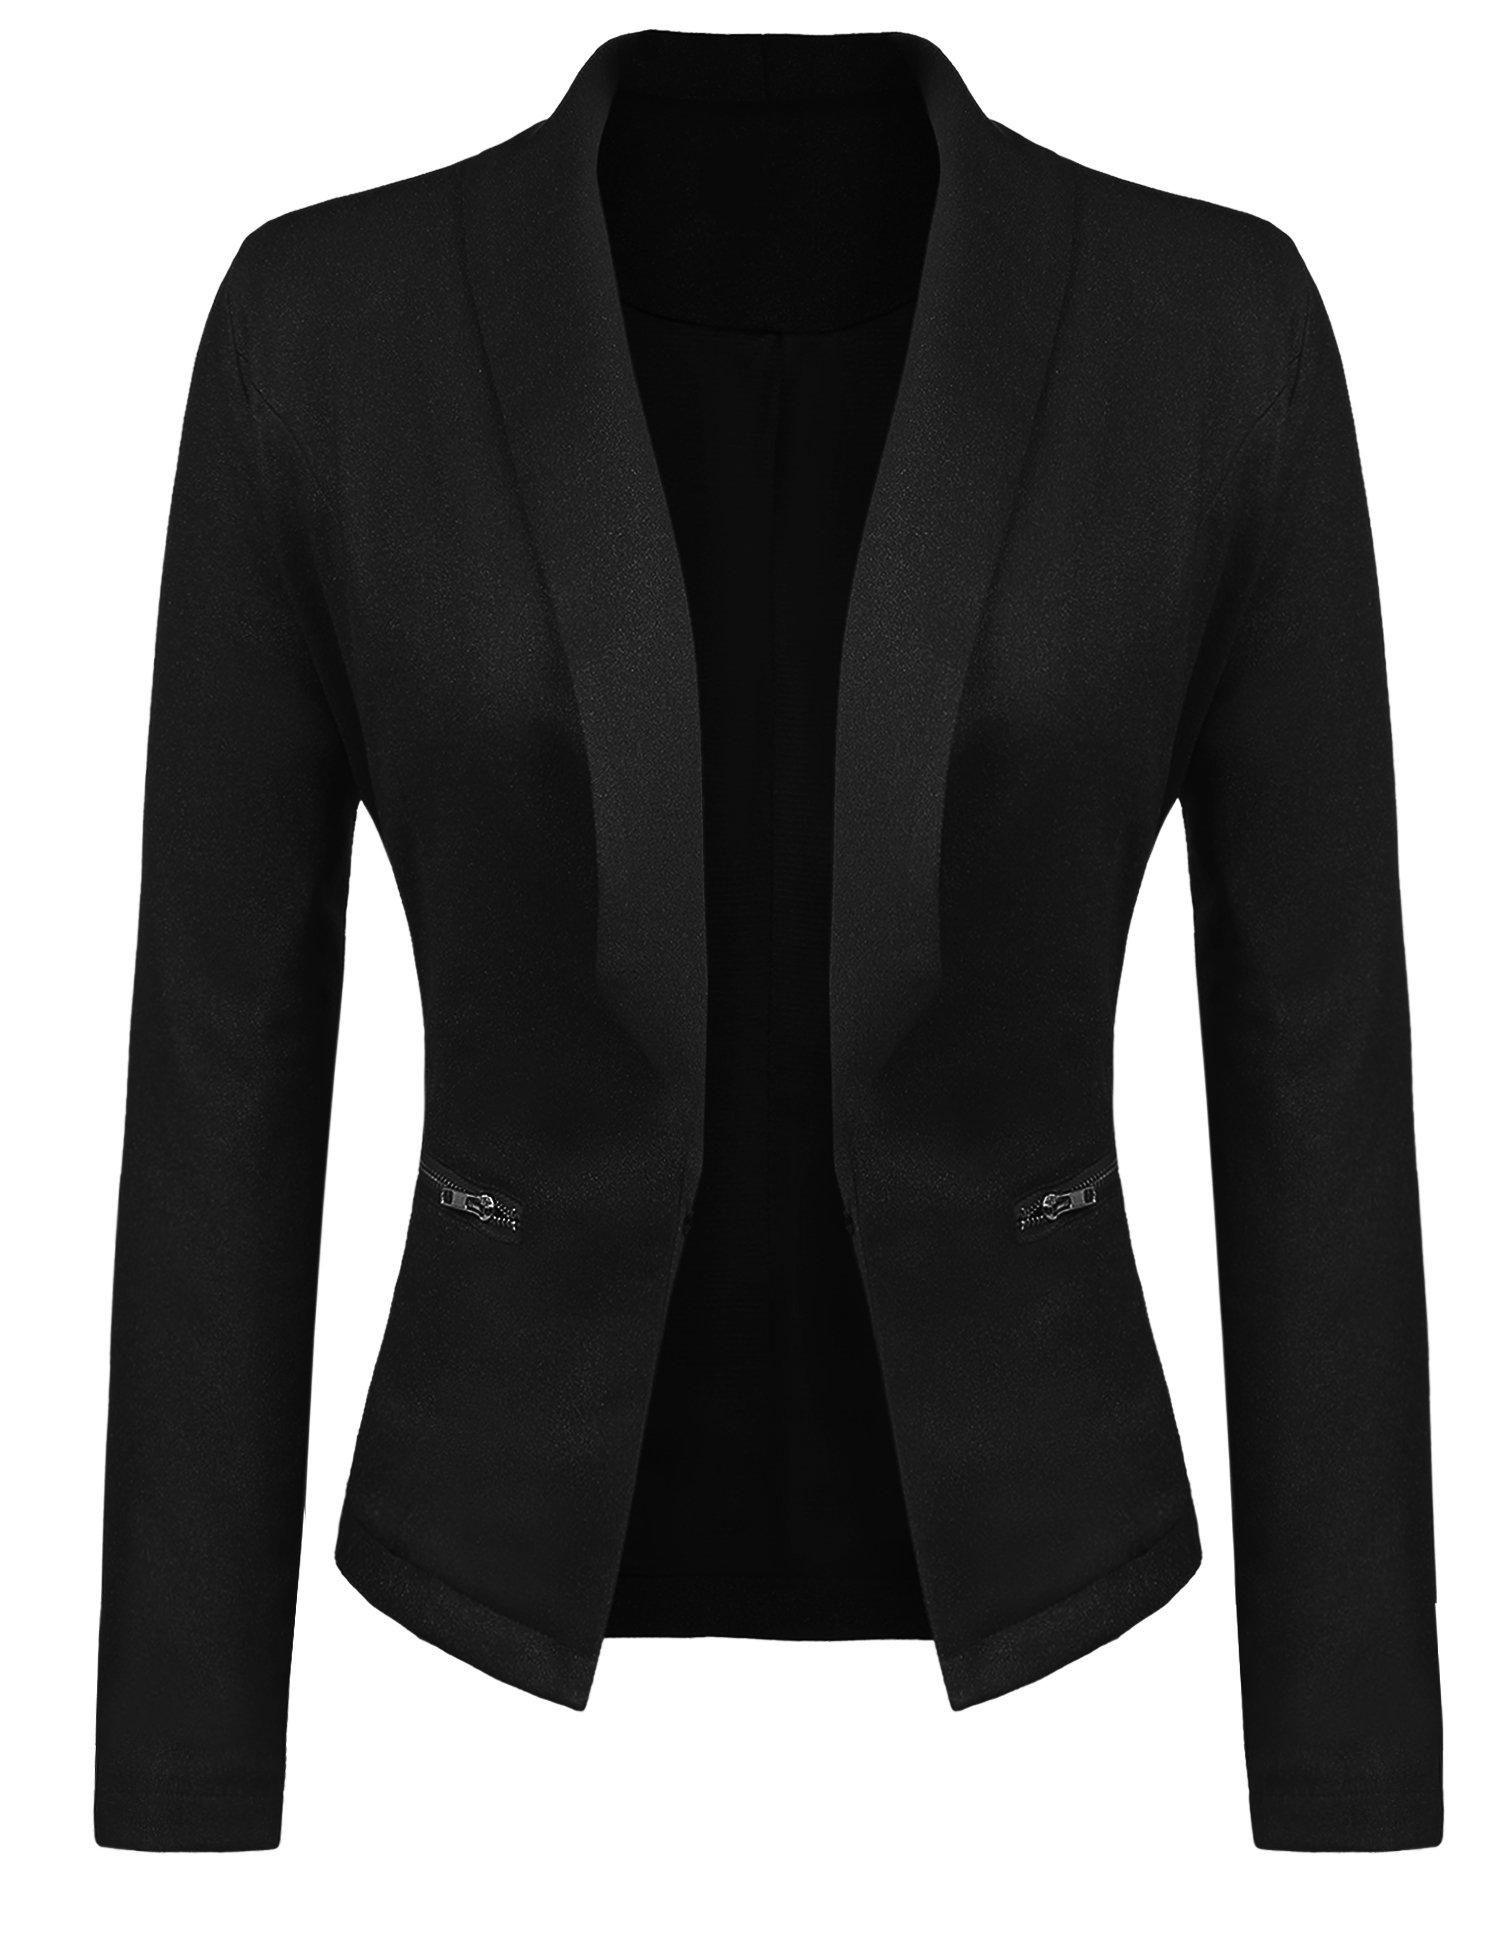 Gfones Women's Casual Open Front Work Office Jacket Ruffles 3/4 Sleeves Blazer (XL, Black1)